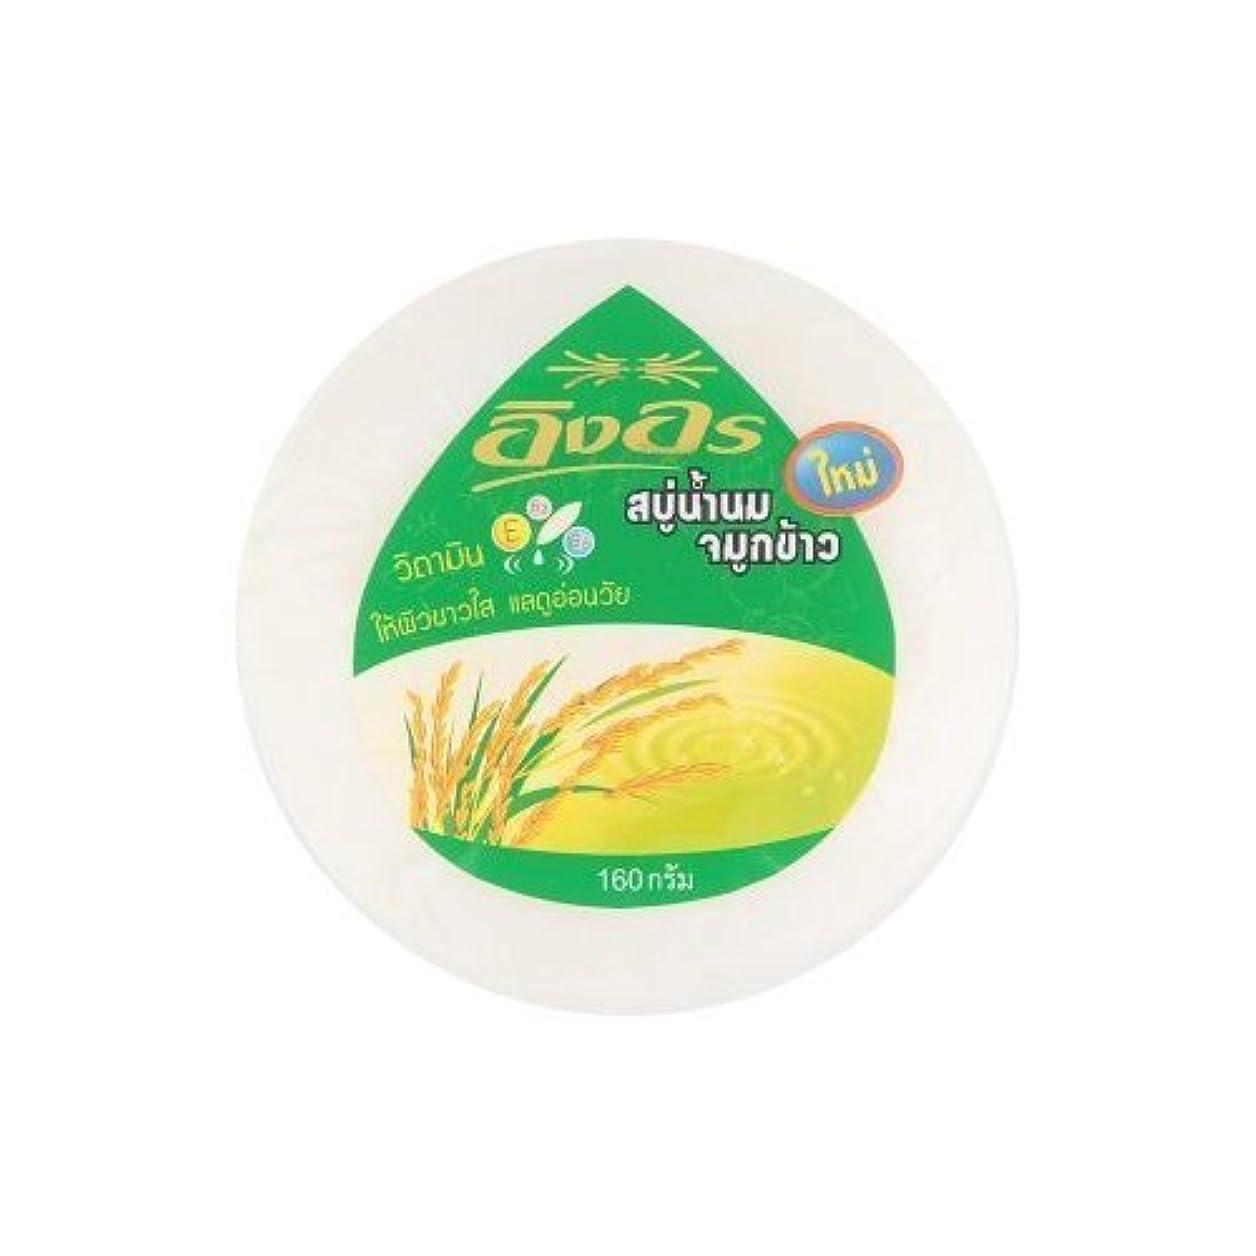 フォロー震える村Ni Yom Thai shop Ing on : Wheat Germ Milk Herbal Soap Bar 5.64 Oz. Made in Thailand